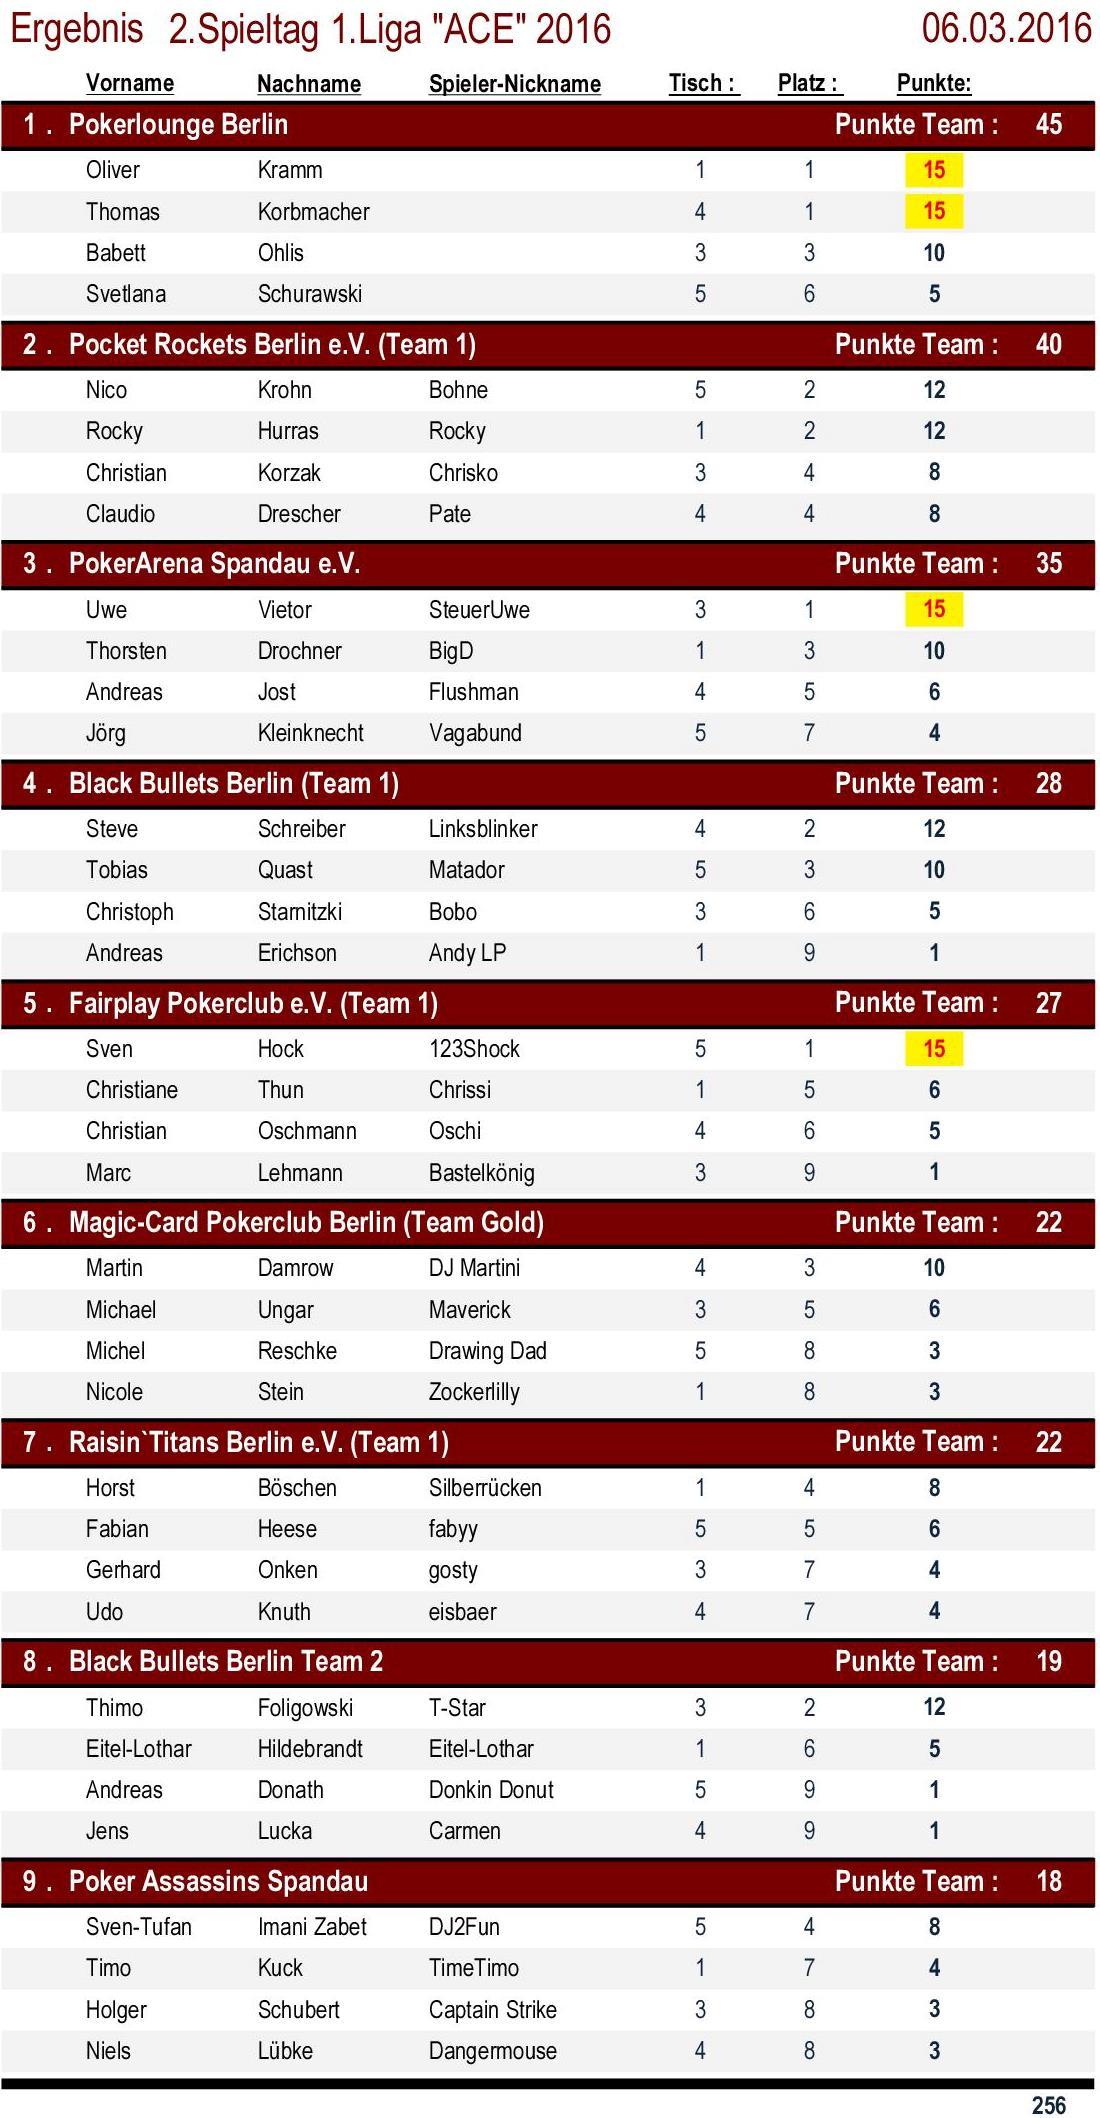 Ergebnisse 1.Liga `ACE` 2. Spieltag 2016